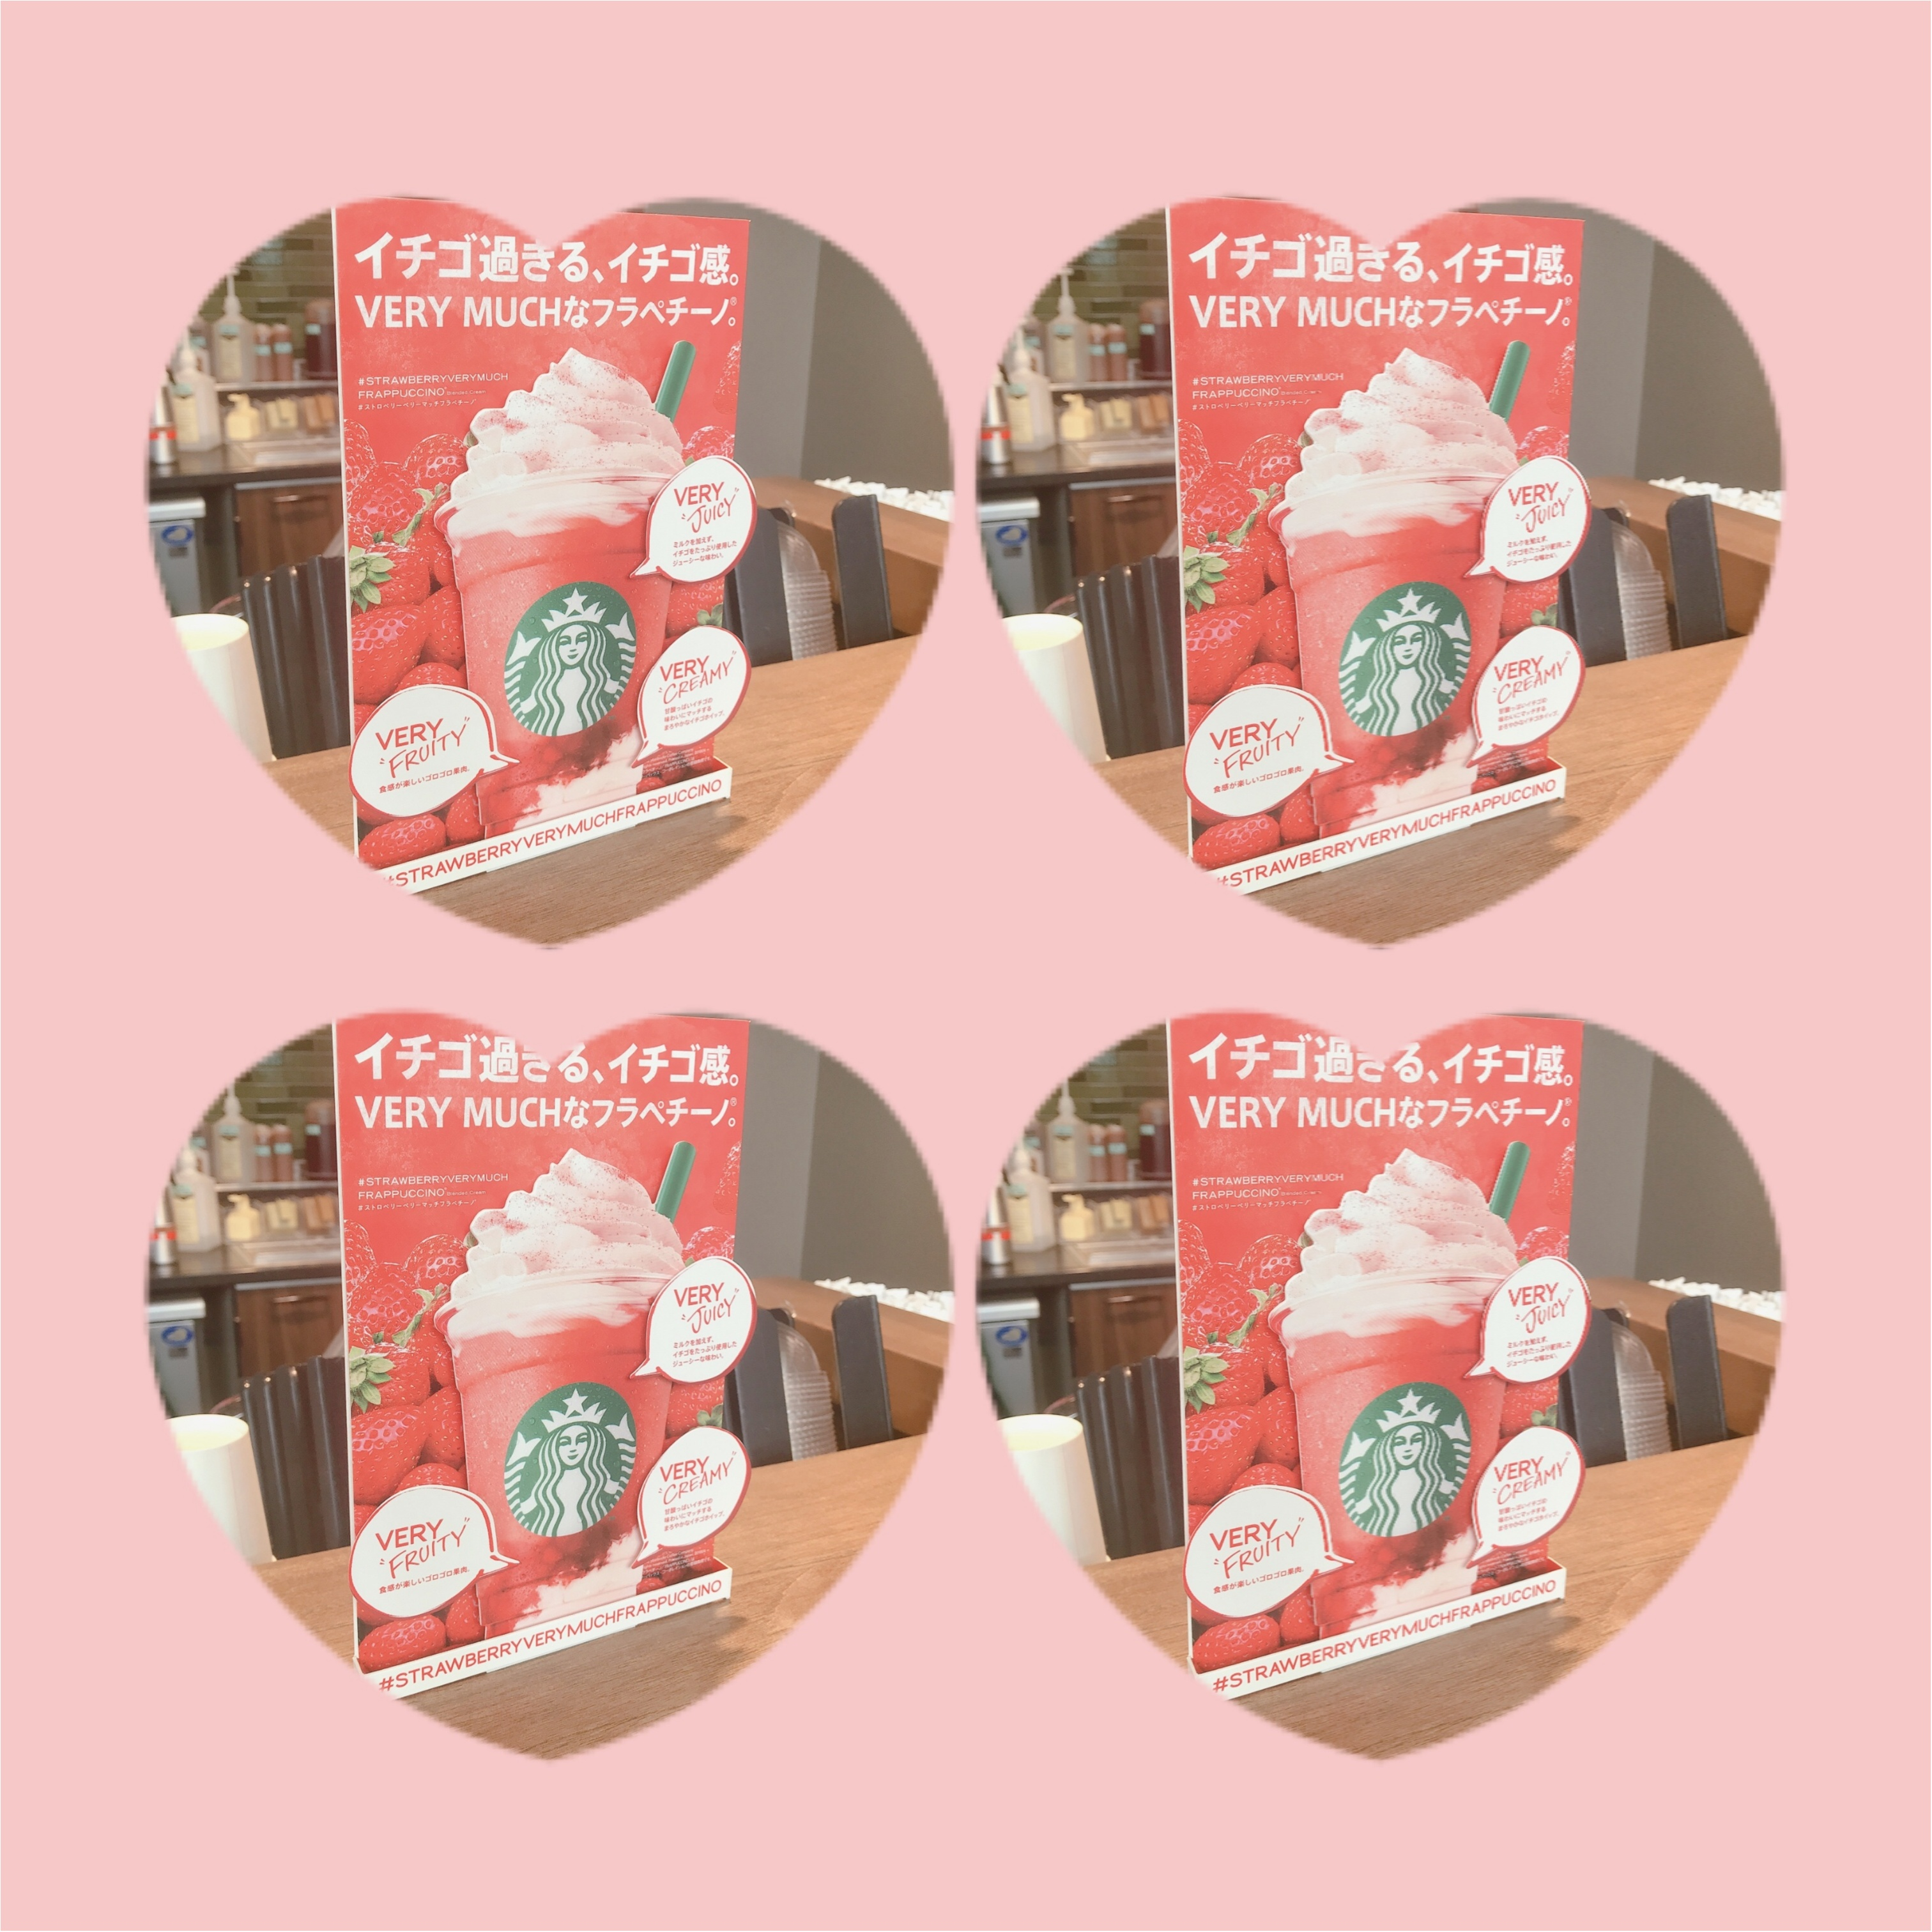 """【スタバの新作情報】""""イチゴ過ぎる、イチゴ感""""が味わえる「ストロベリーベリーマッチフラペチーノ」!超かわいい""""ピンクドリンク""""にカスタムする方法まで♡_2_1"""